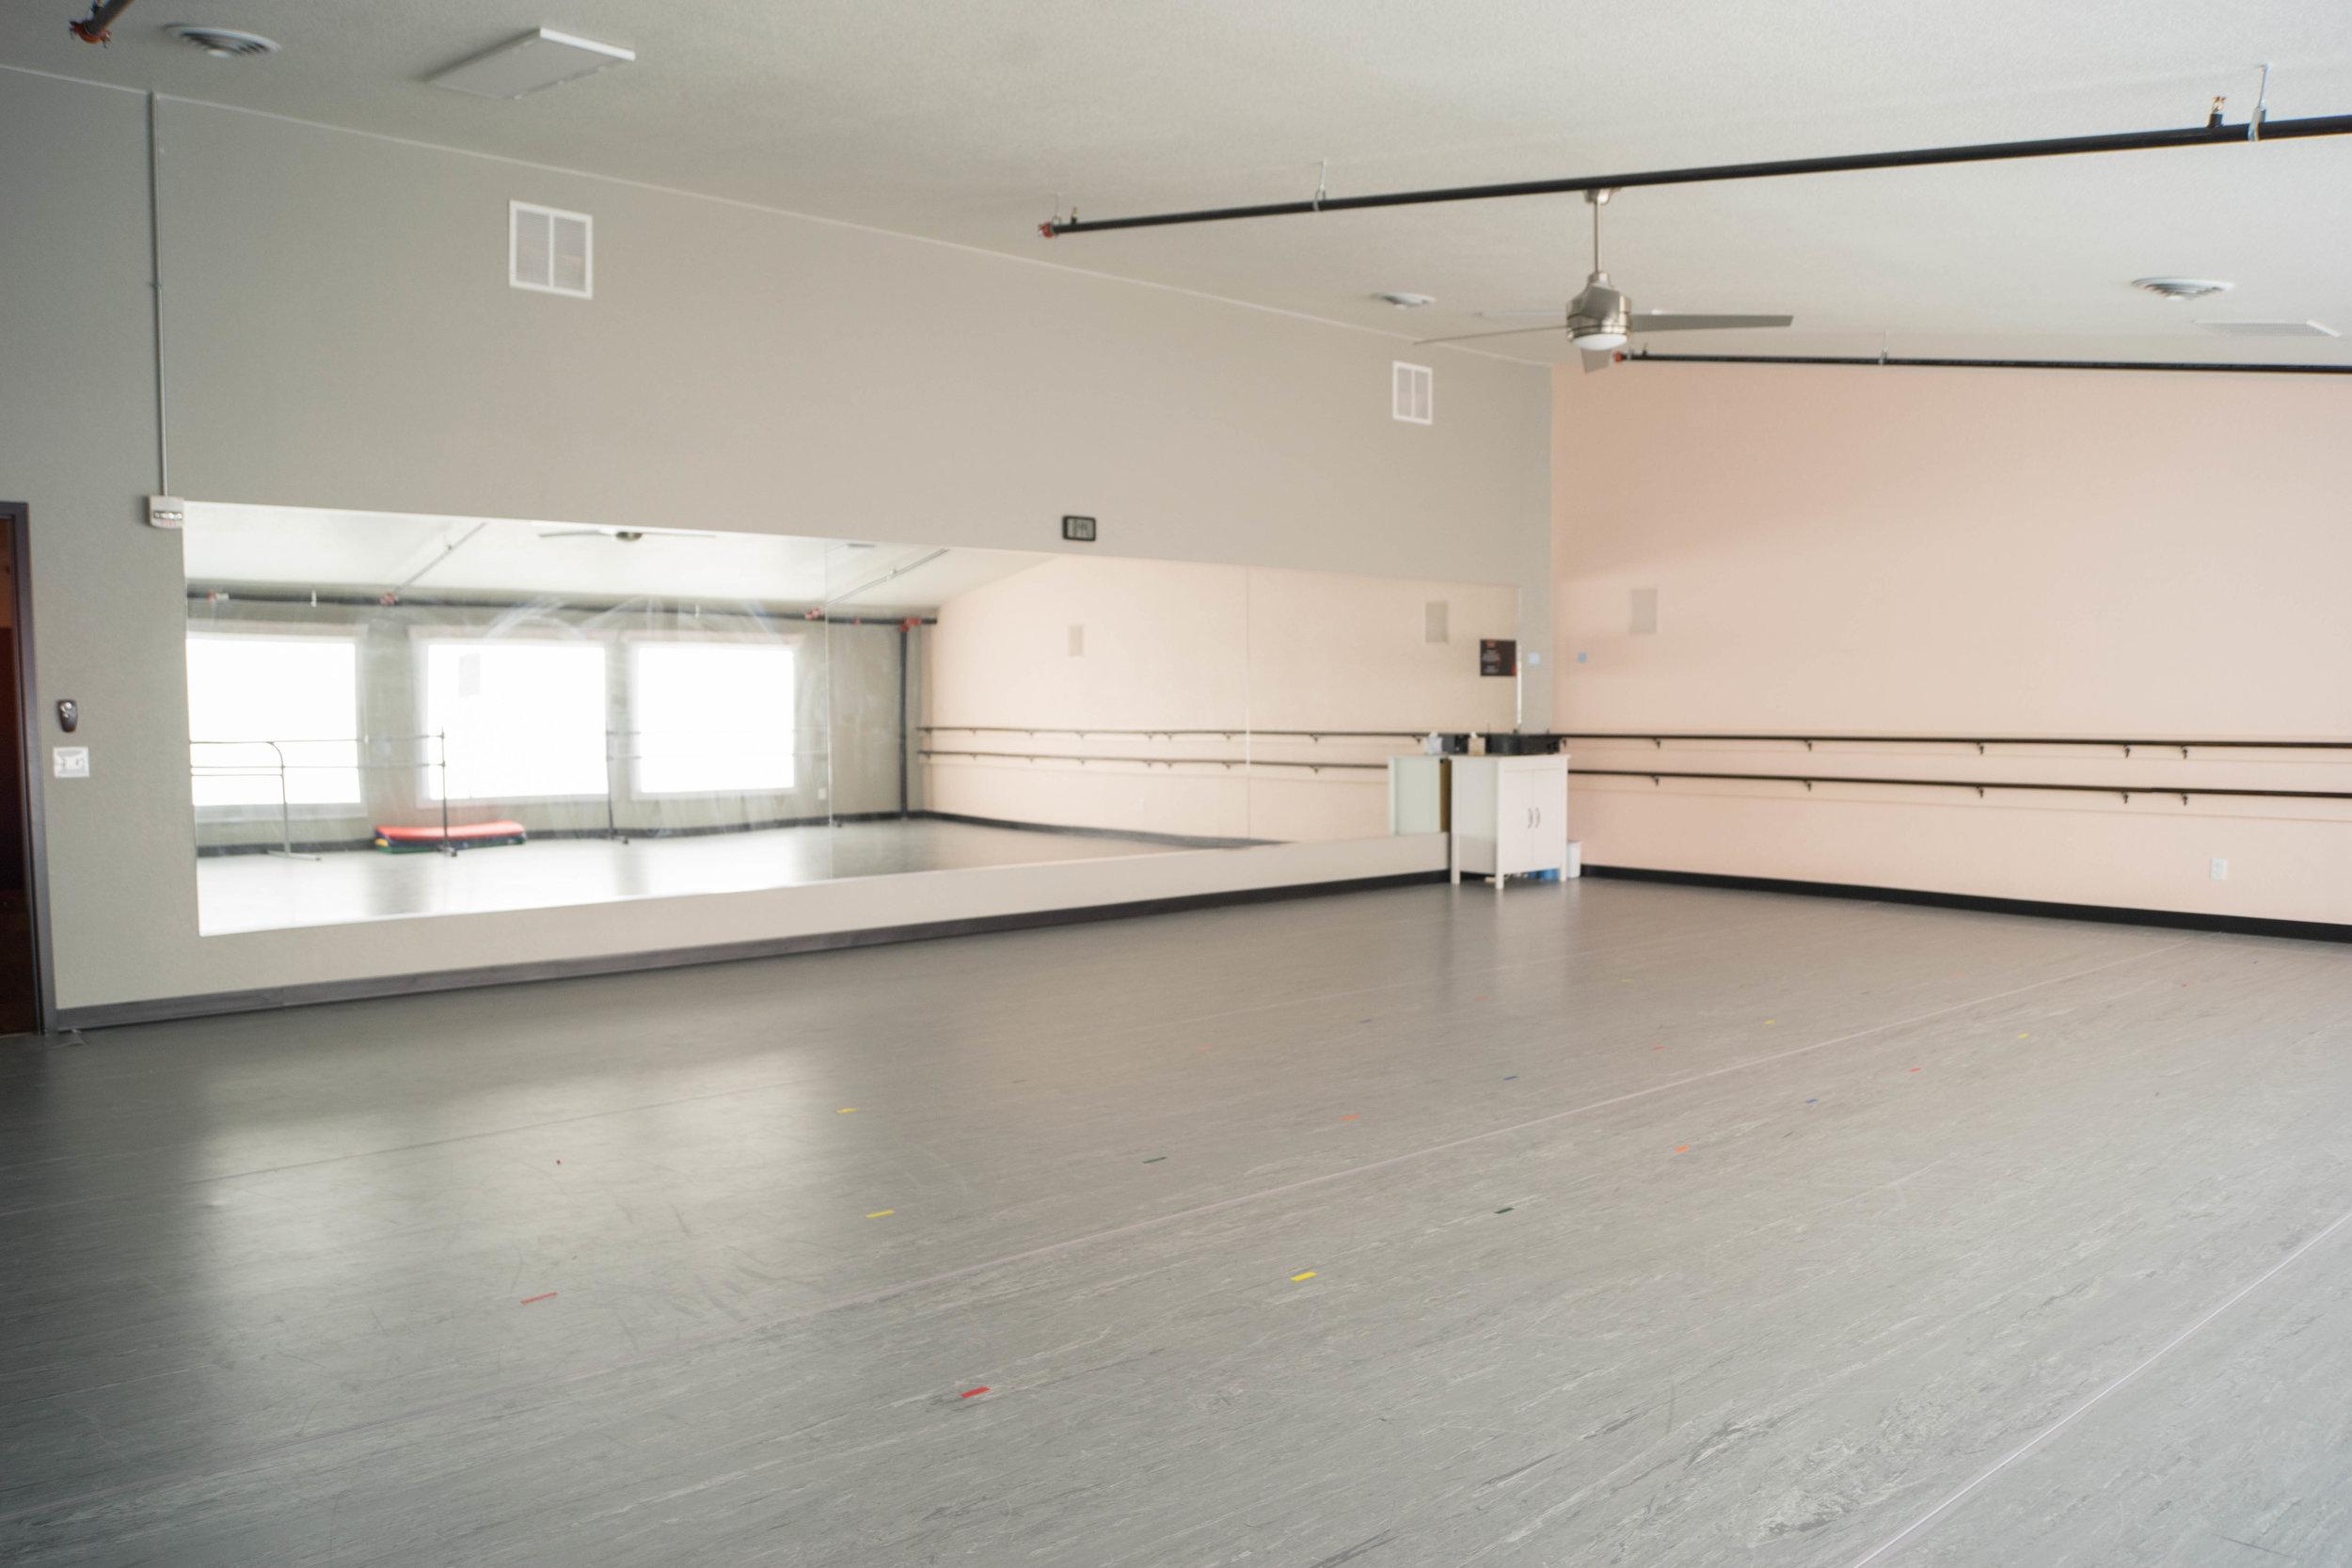 Fouette Studio